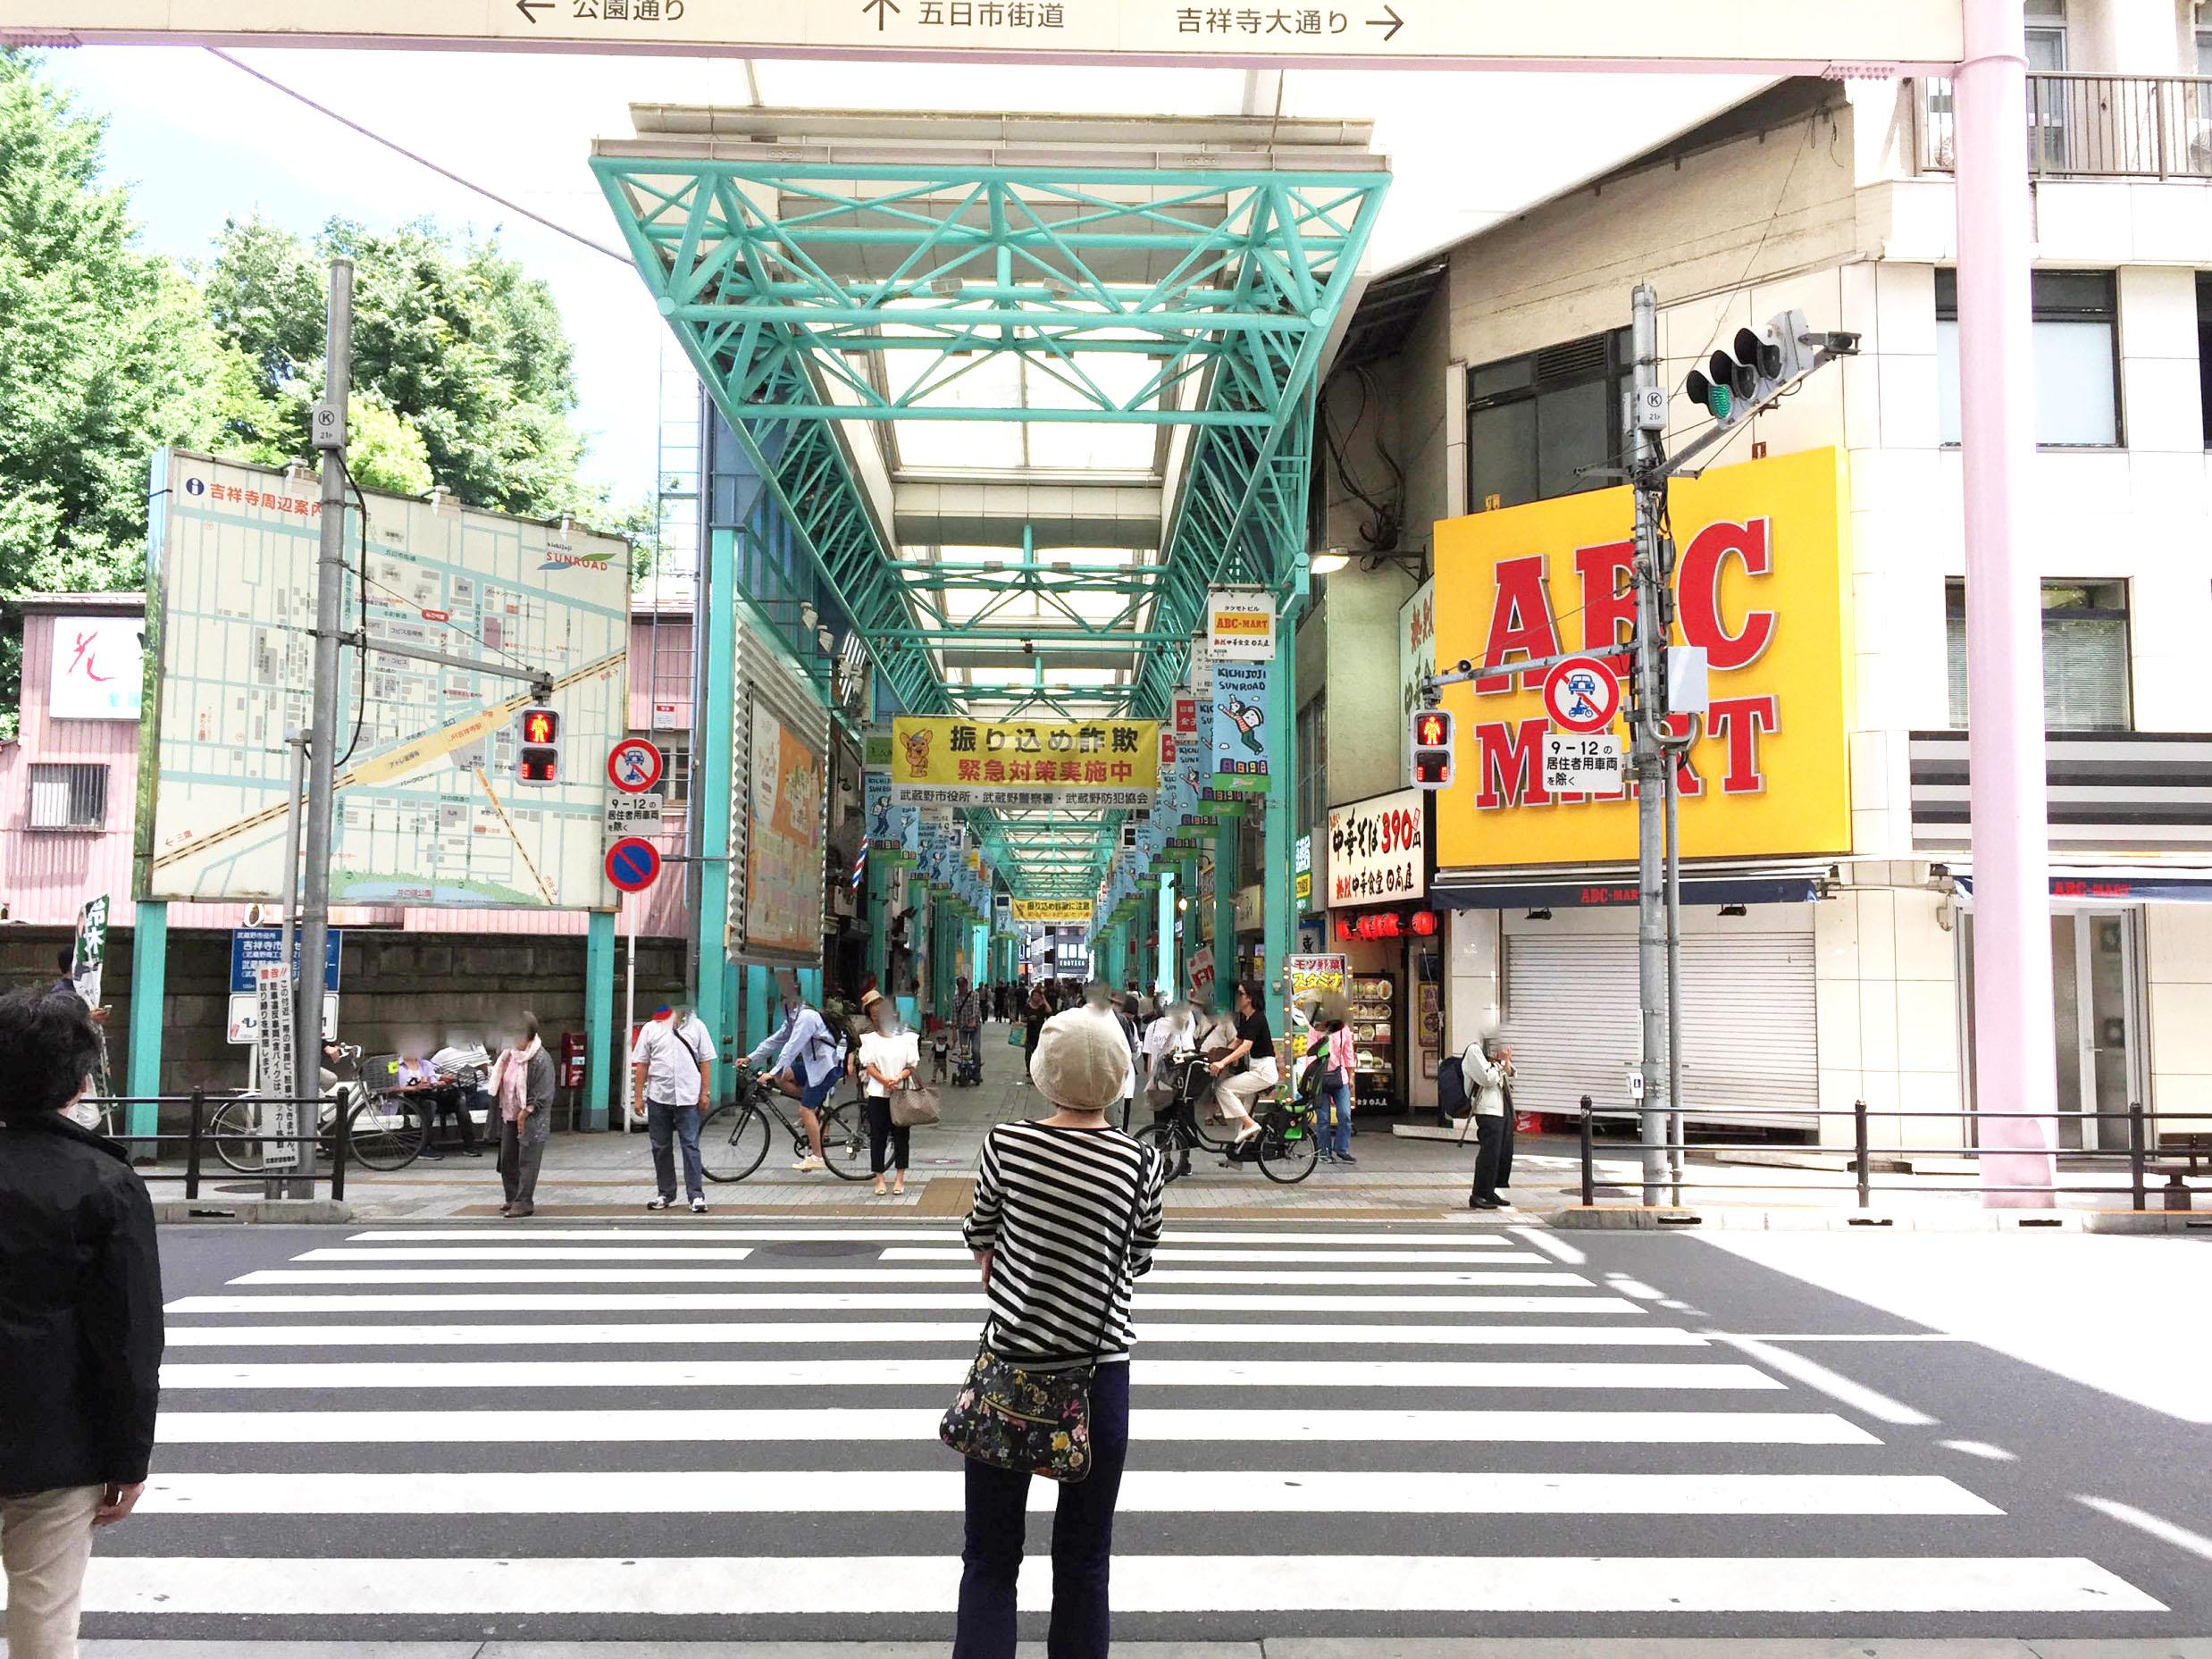 吉祥寺サンロード横断歩道